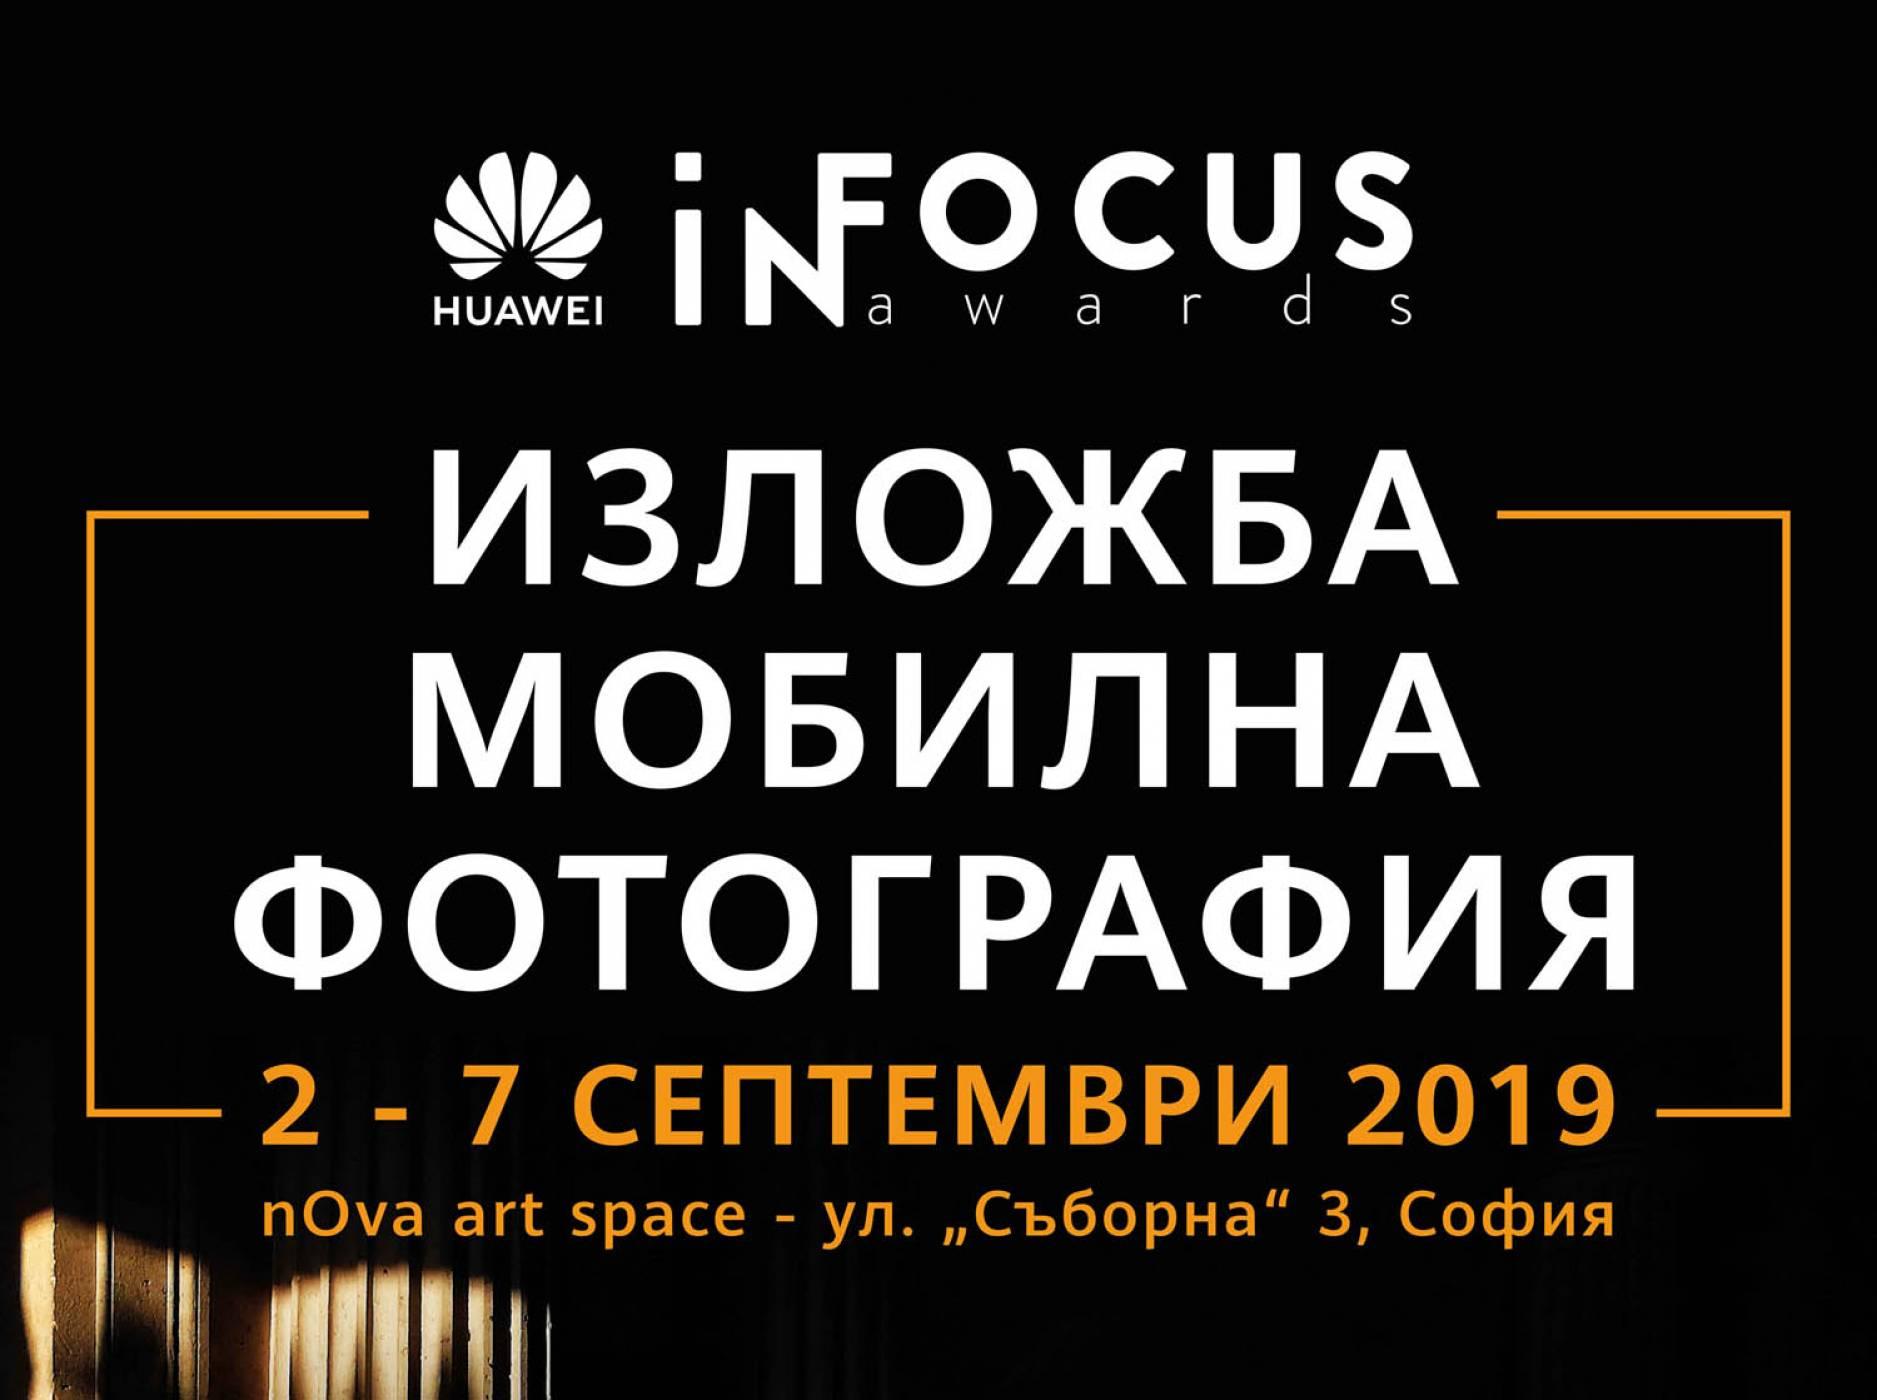 Вижте българските снимки от Huawei InFocus Awards